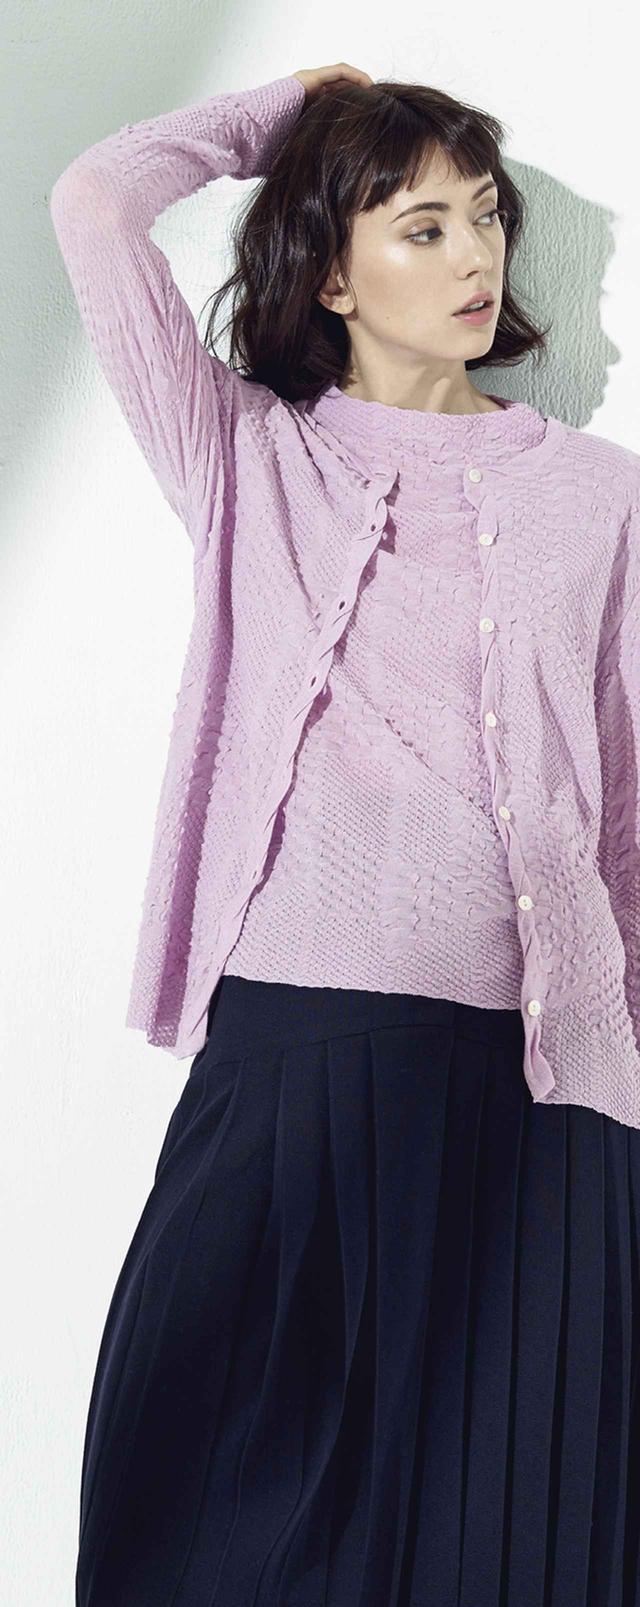 画像1: 服のプロが作る良い服